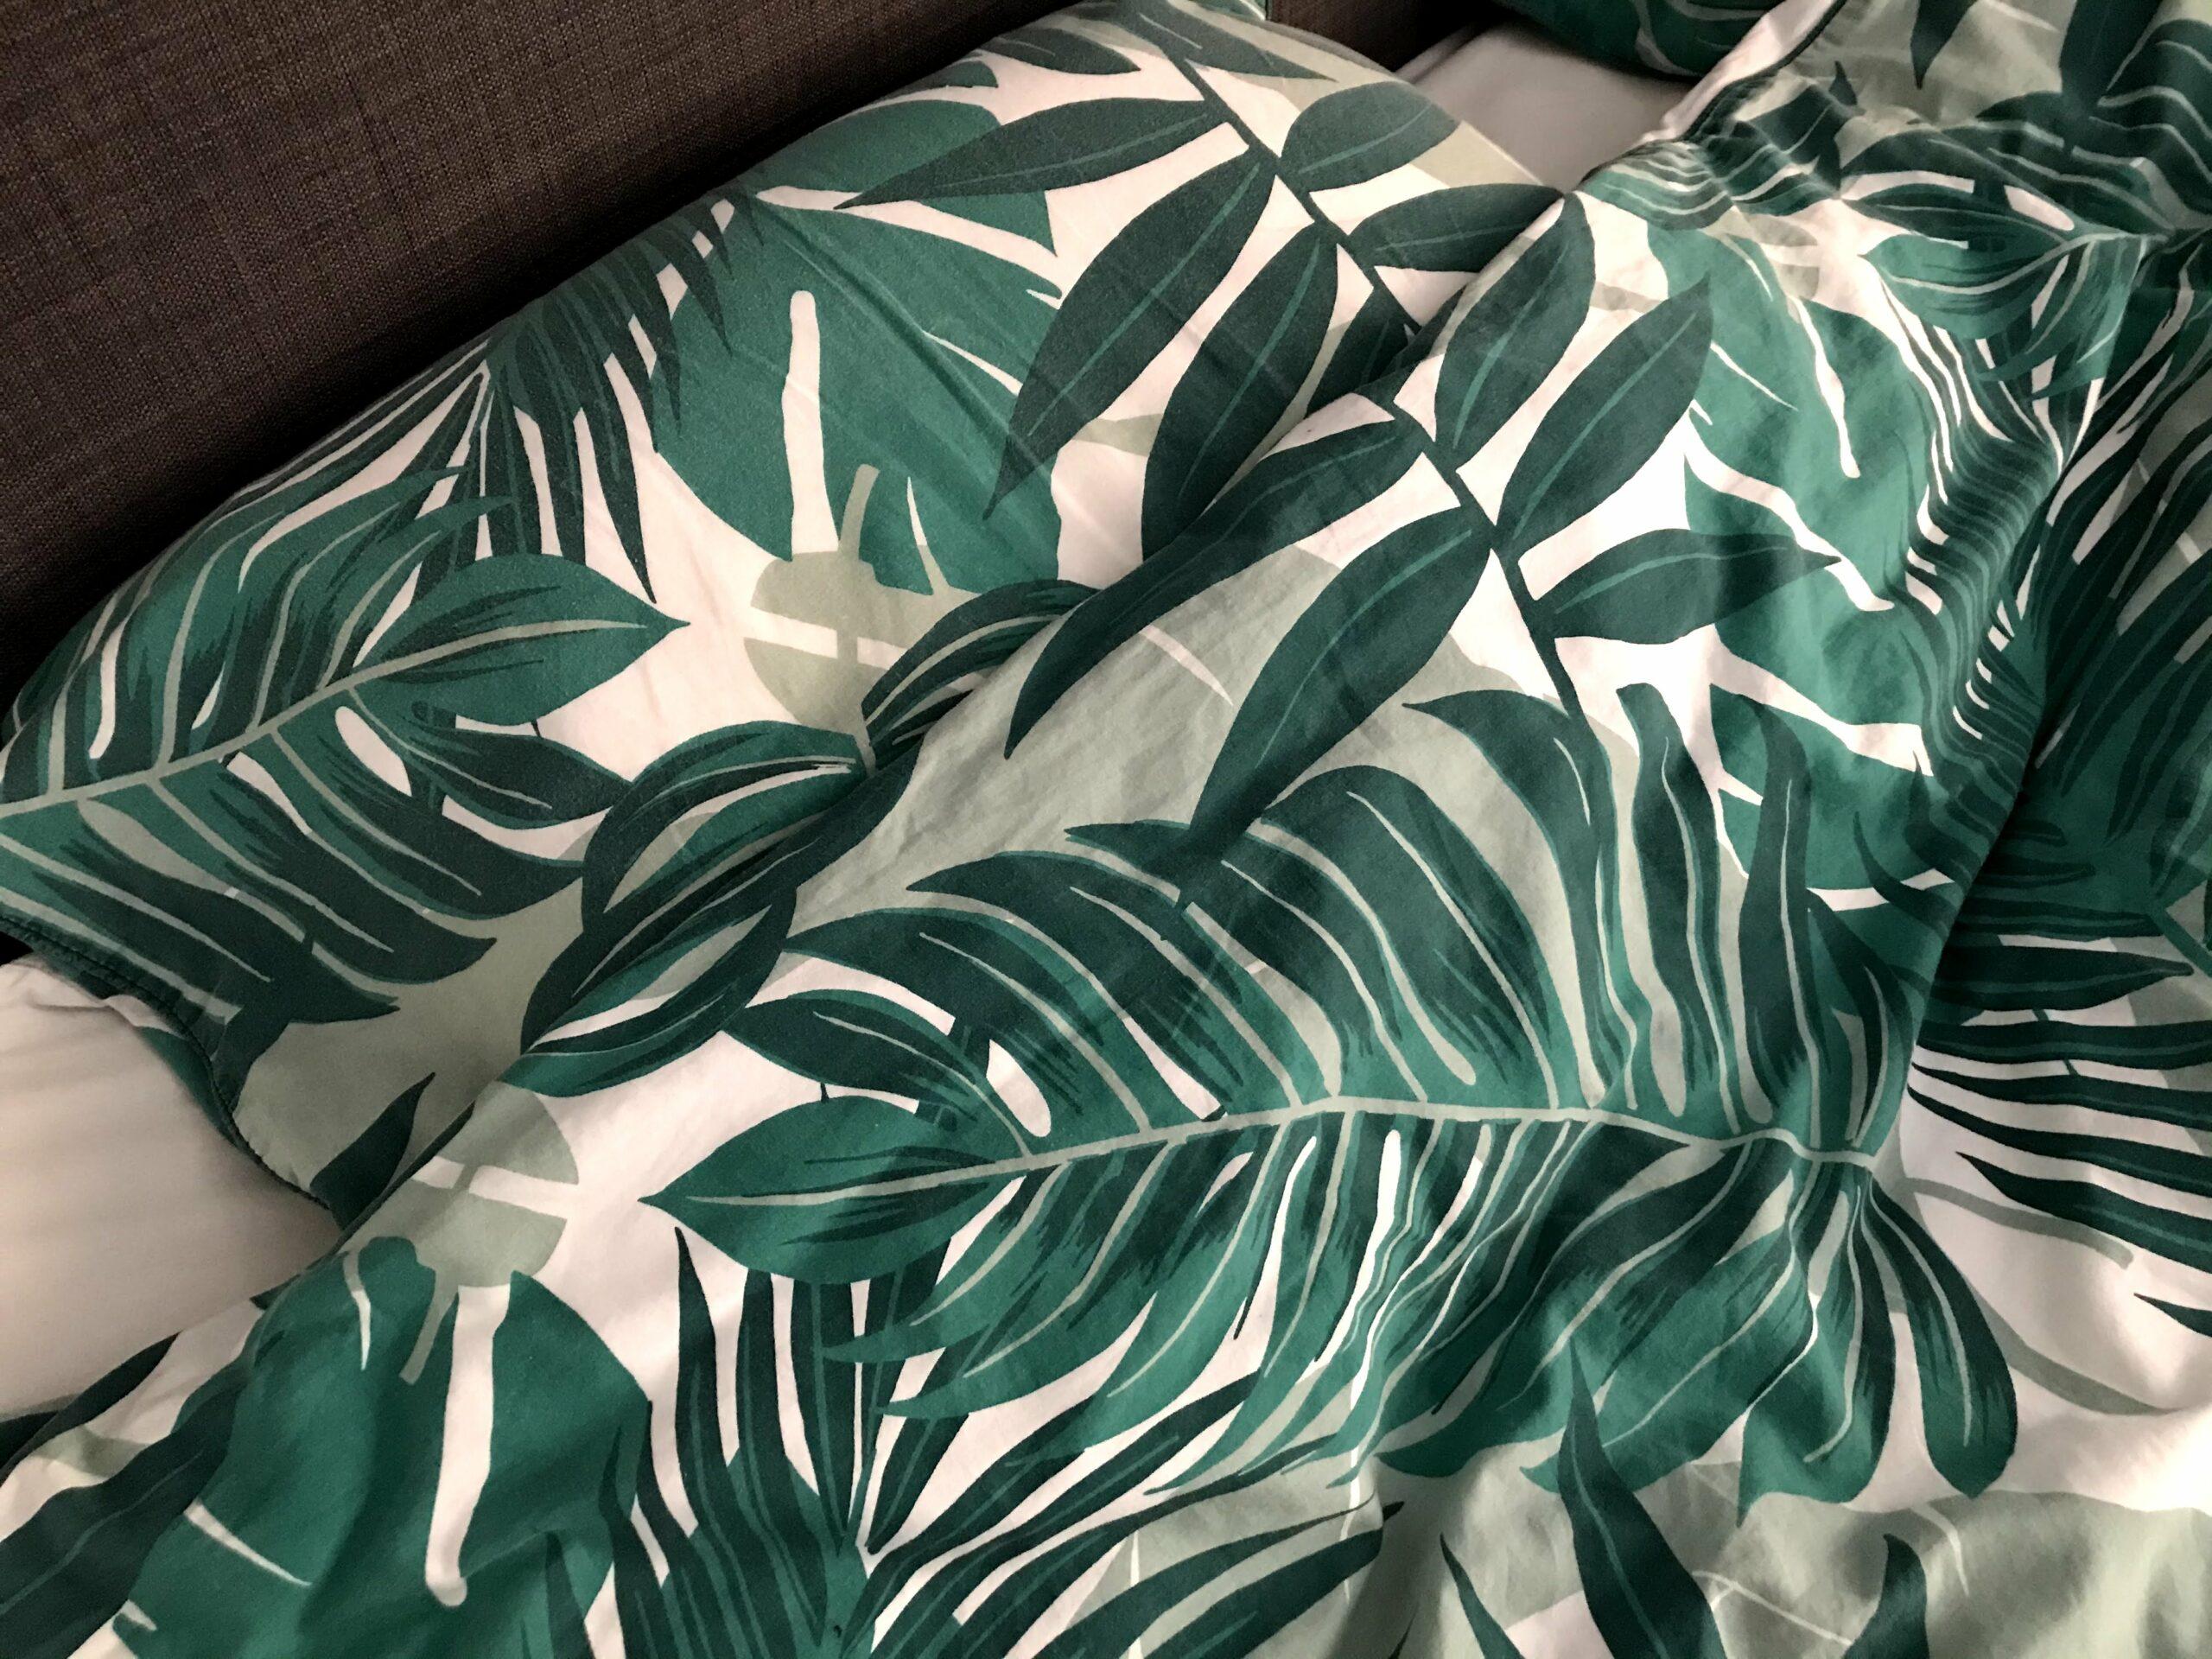 dekbed groene bladeren